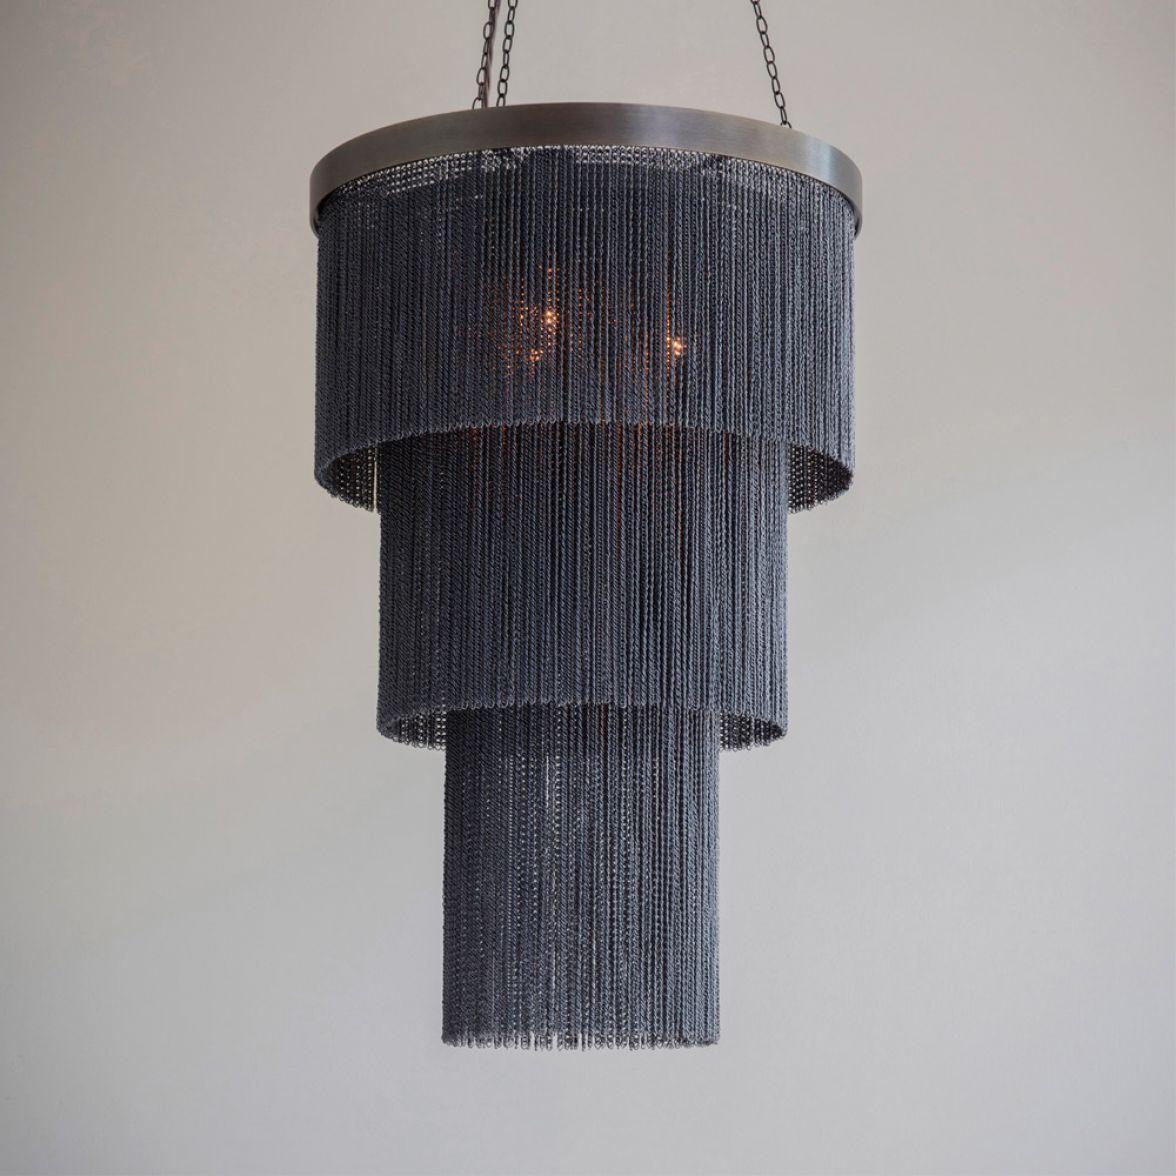 Black chain Long chandelier